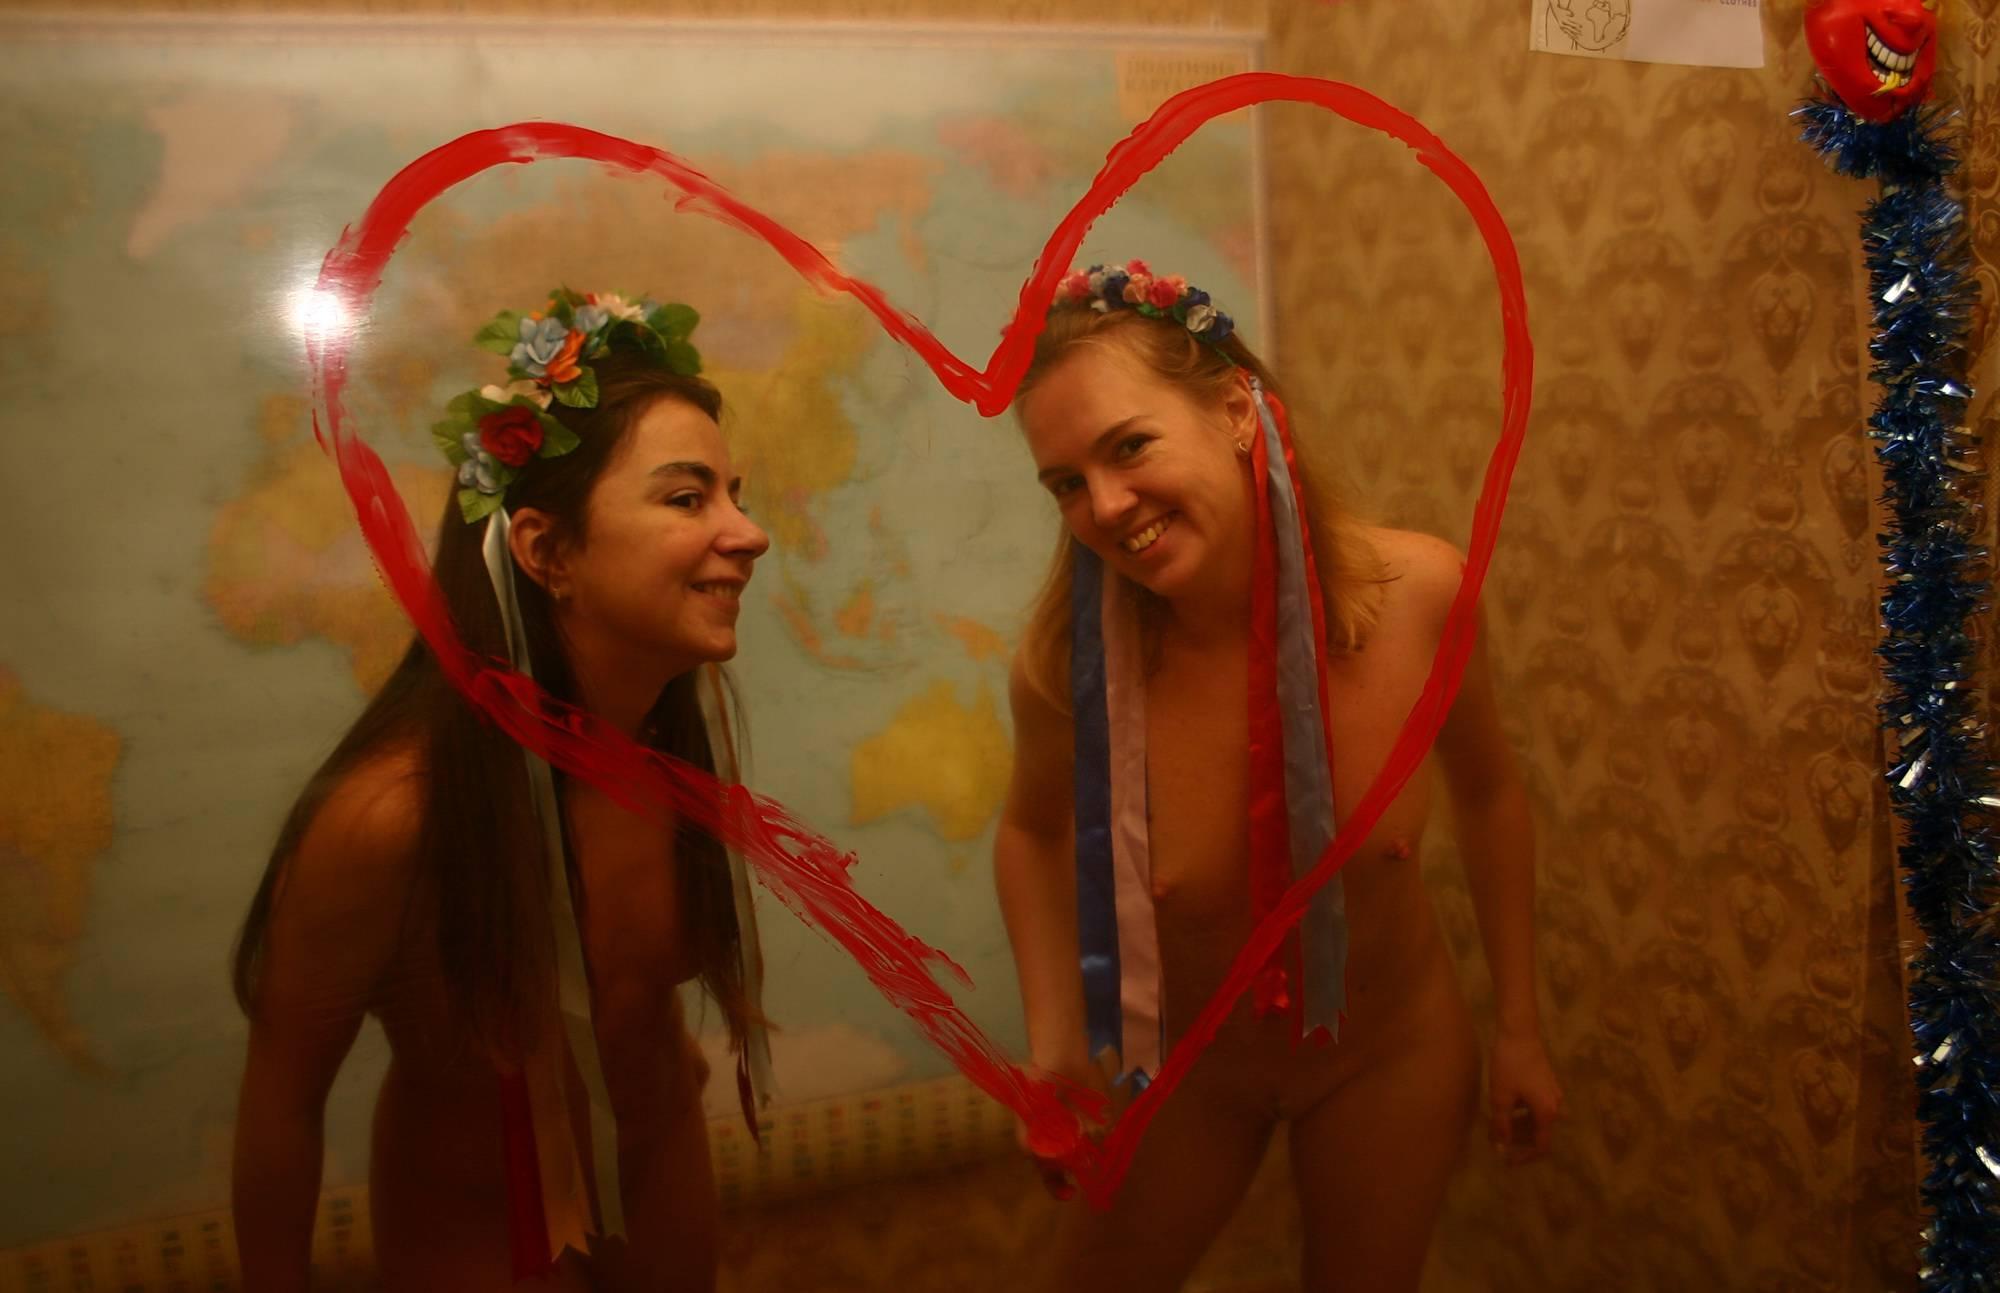 Nudist Pics Red Heart Pillow Girls - 2